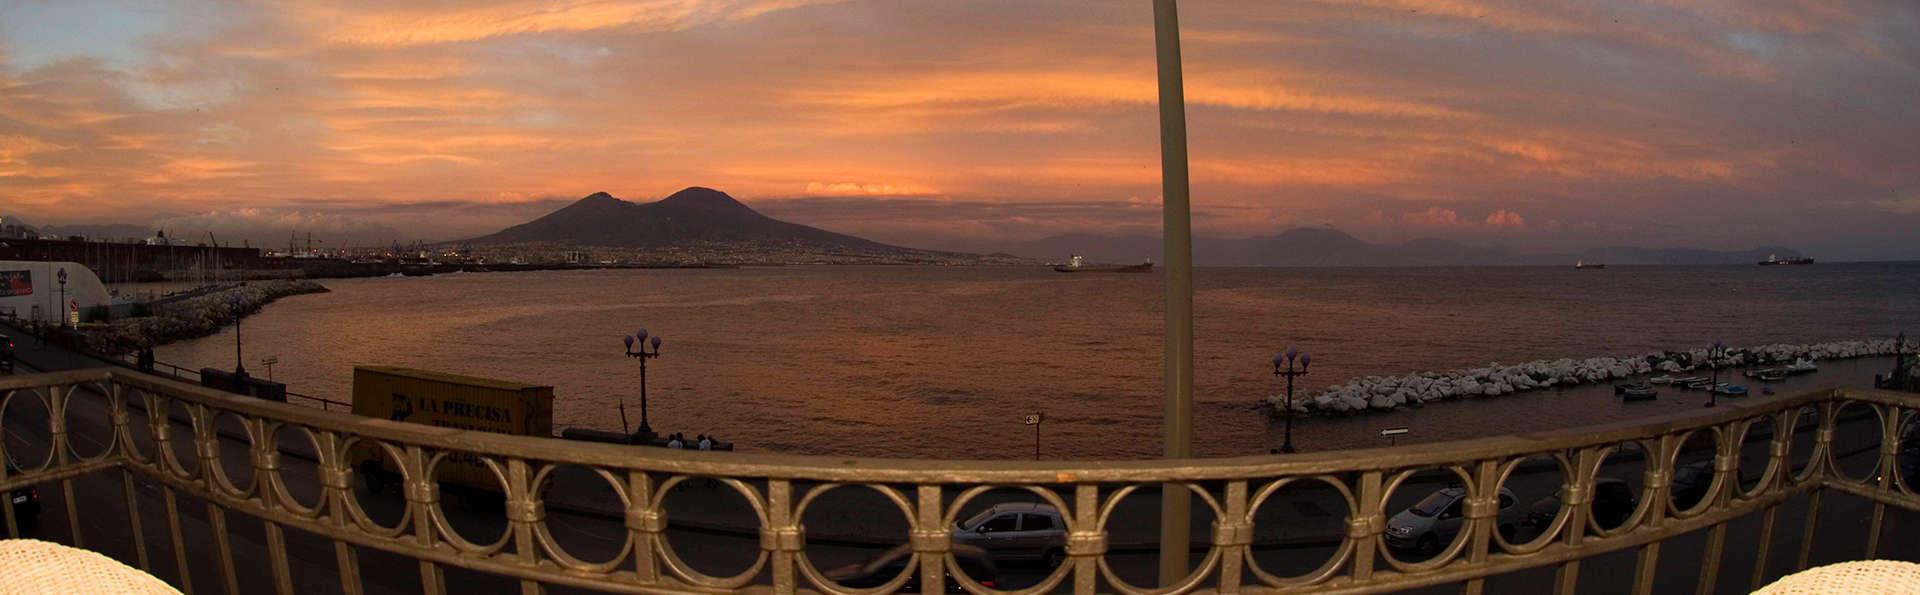 Alójate en el centro de Nápoles con aperitivo de bienvenida